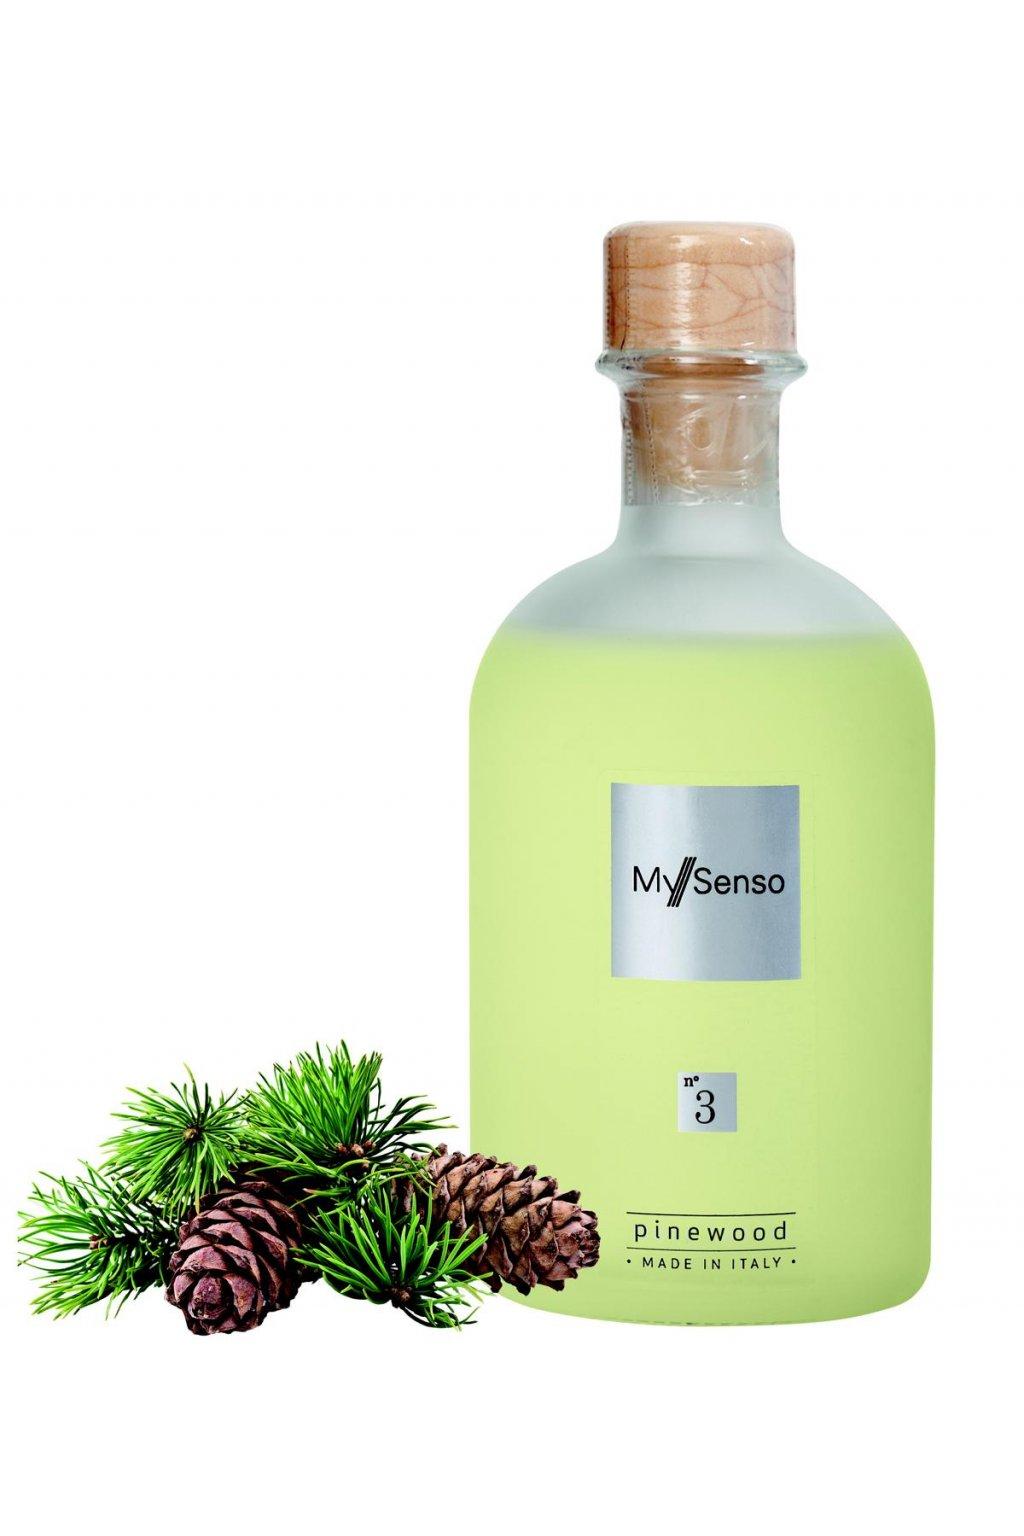 156 my senso nahradni napln pro aromaticky difuzer n 3 pinewood borovice 240ml